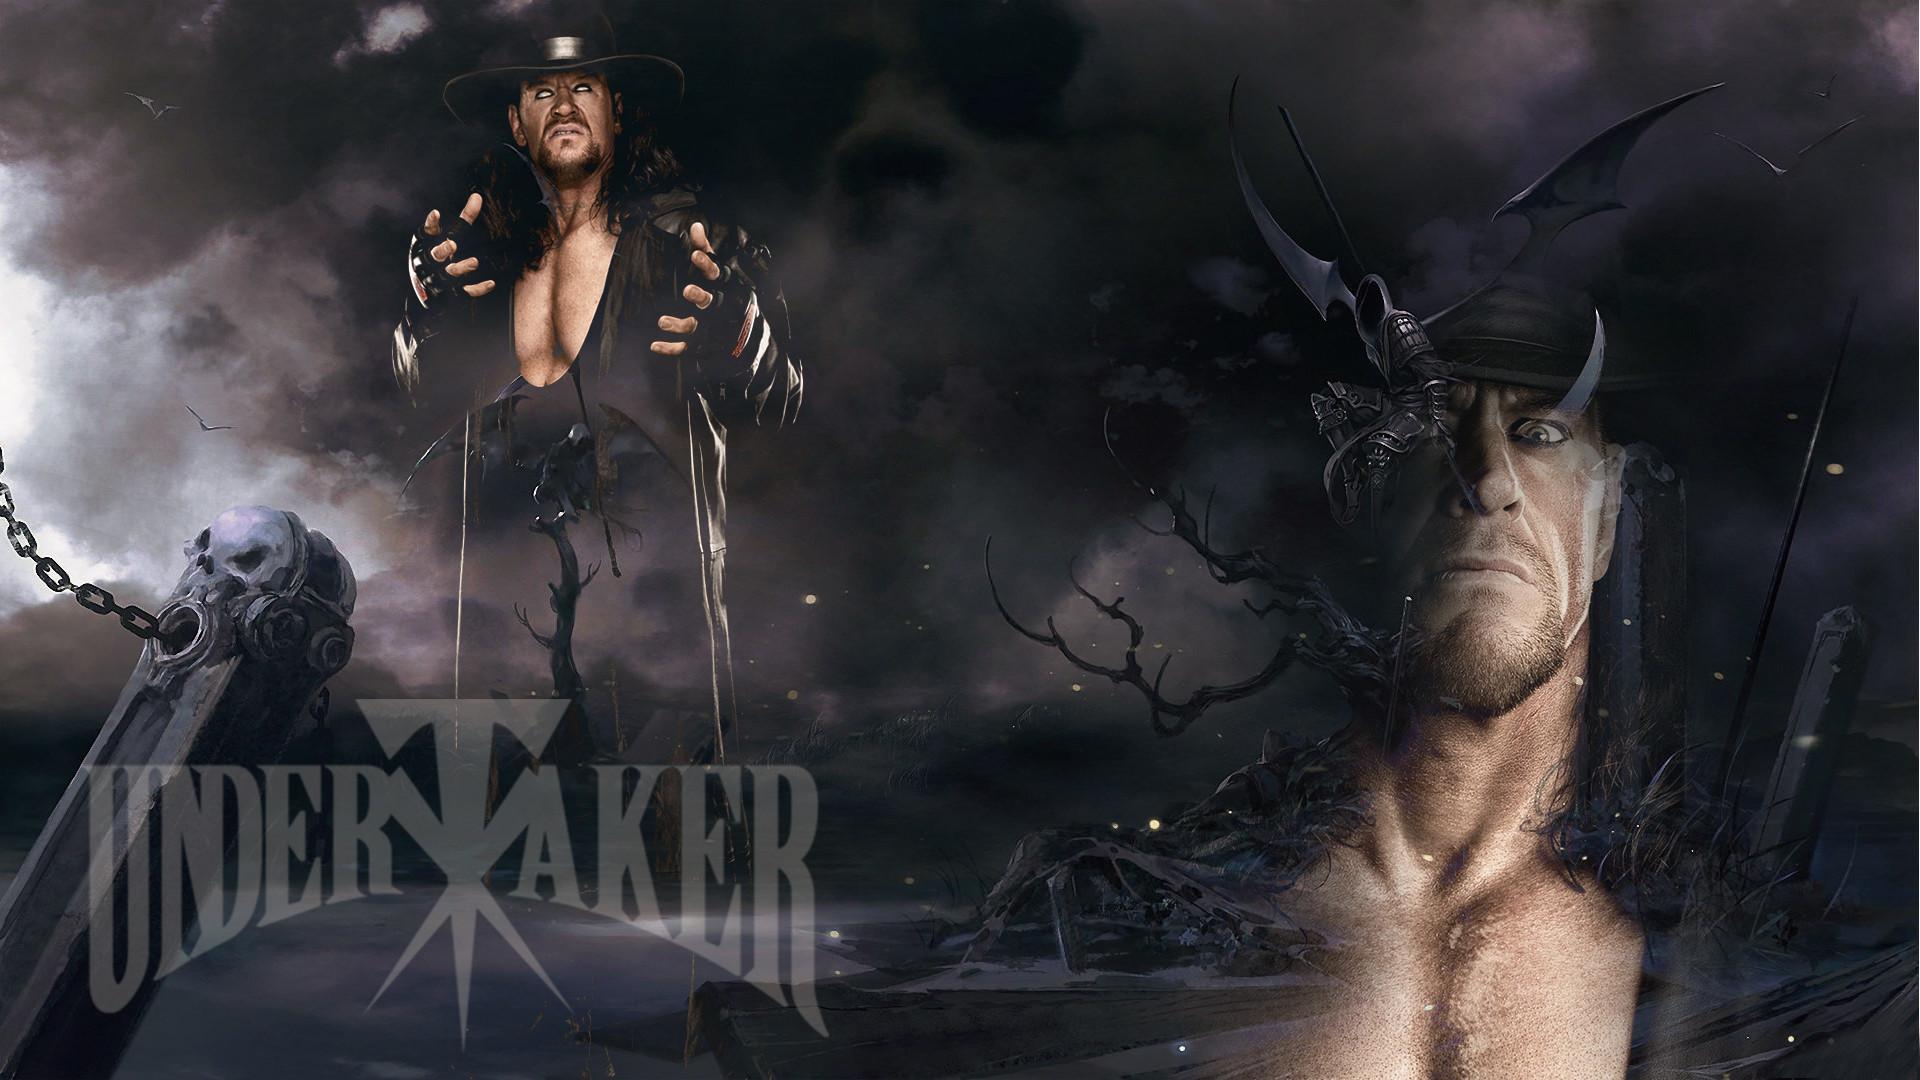 undertaker wallpaper download